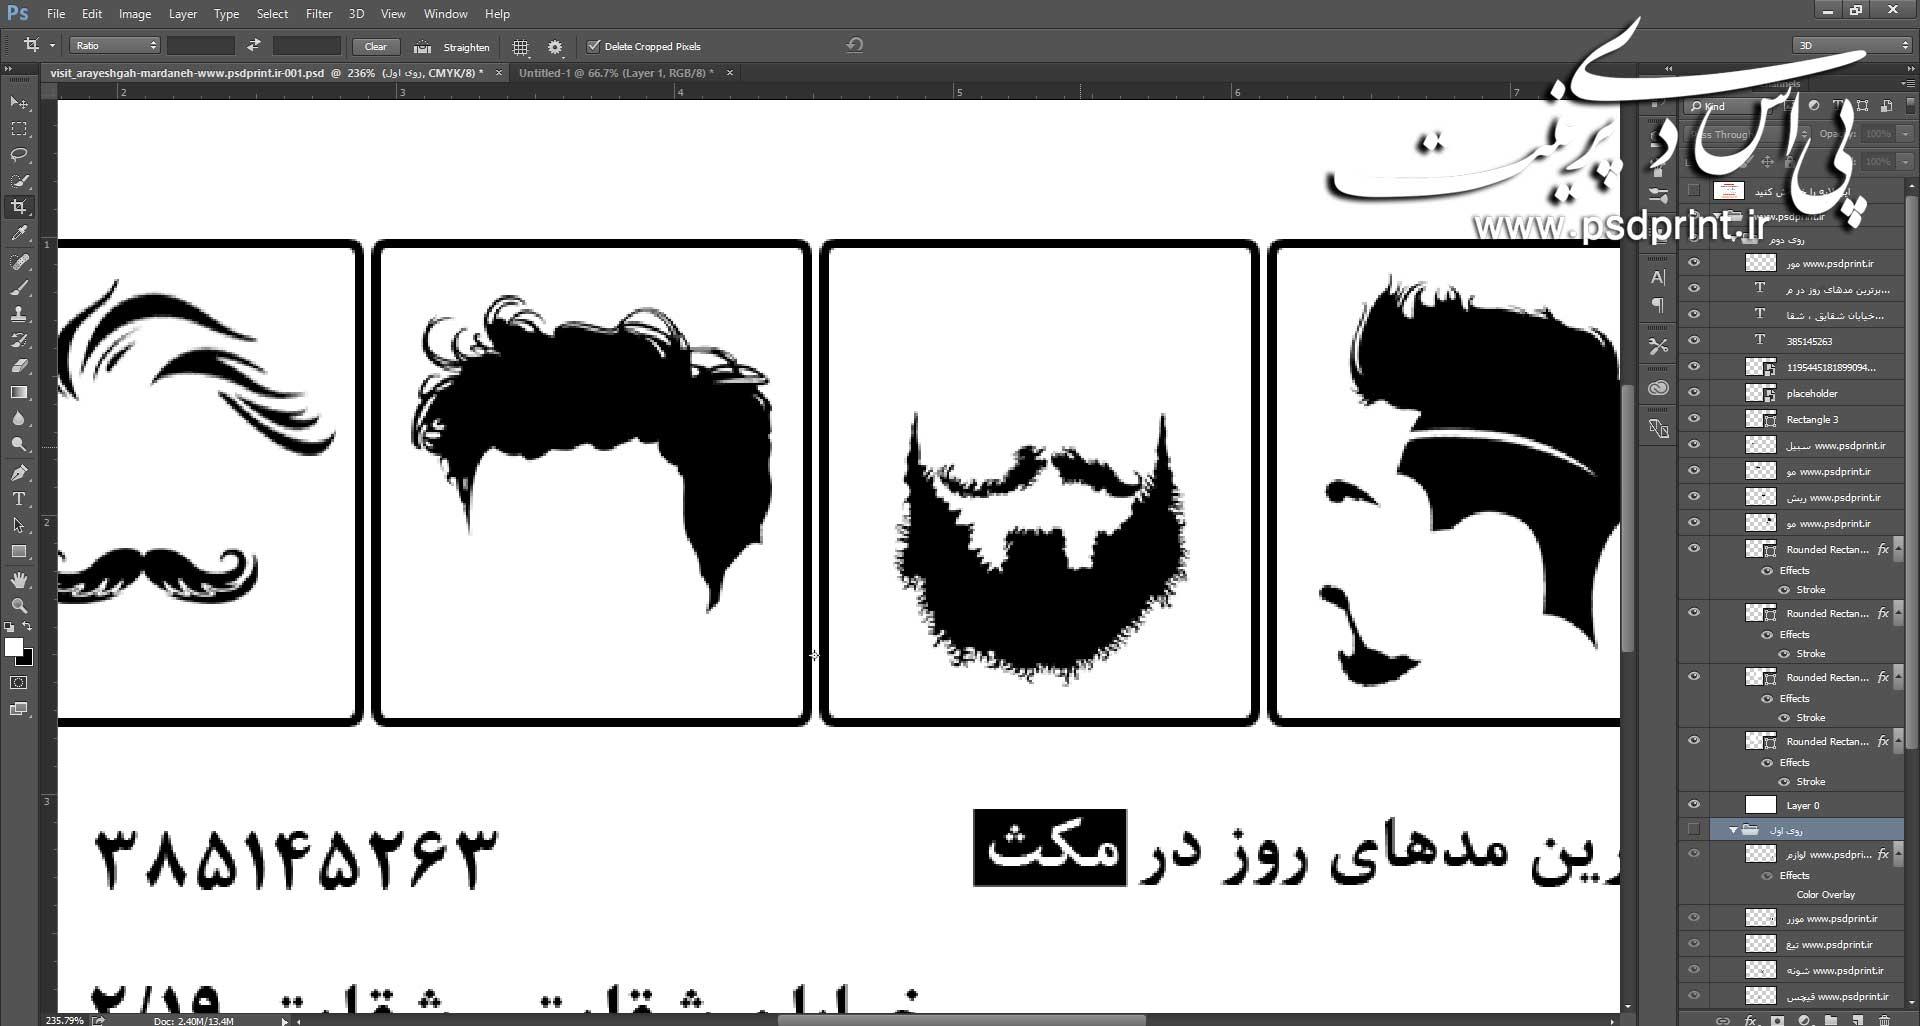 دانلود کارت ویزیت آرایشگاه مردانه لایه باز